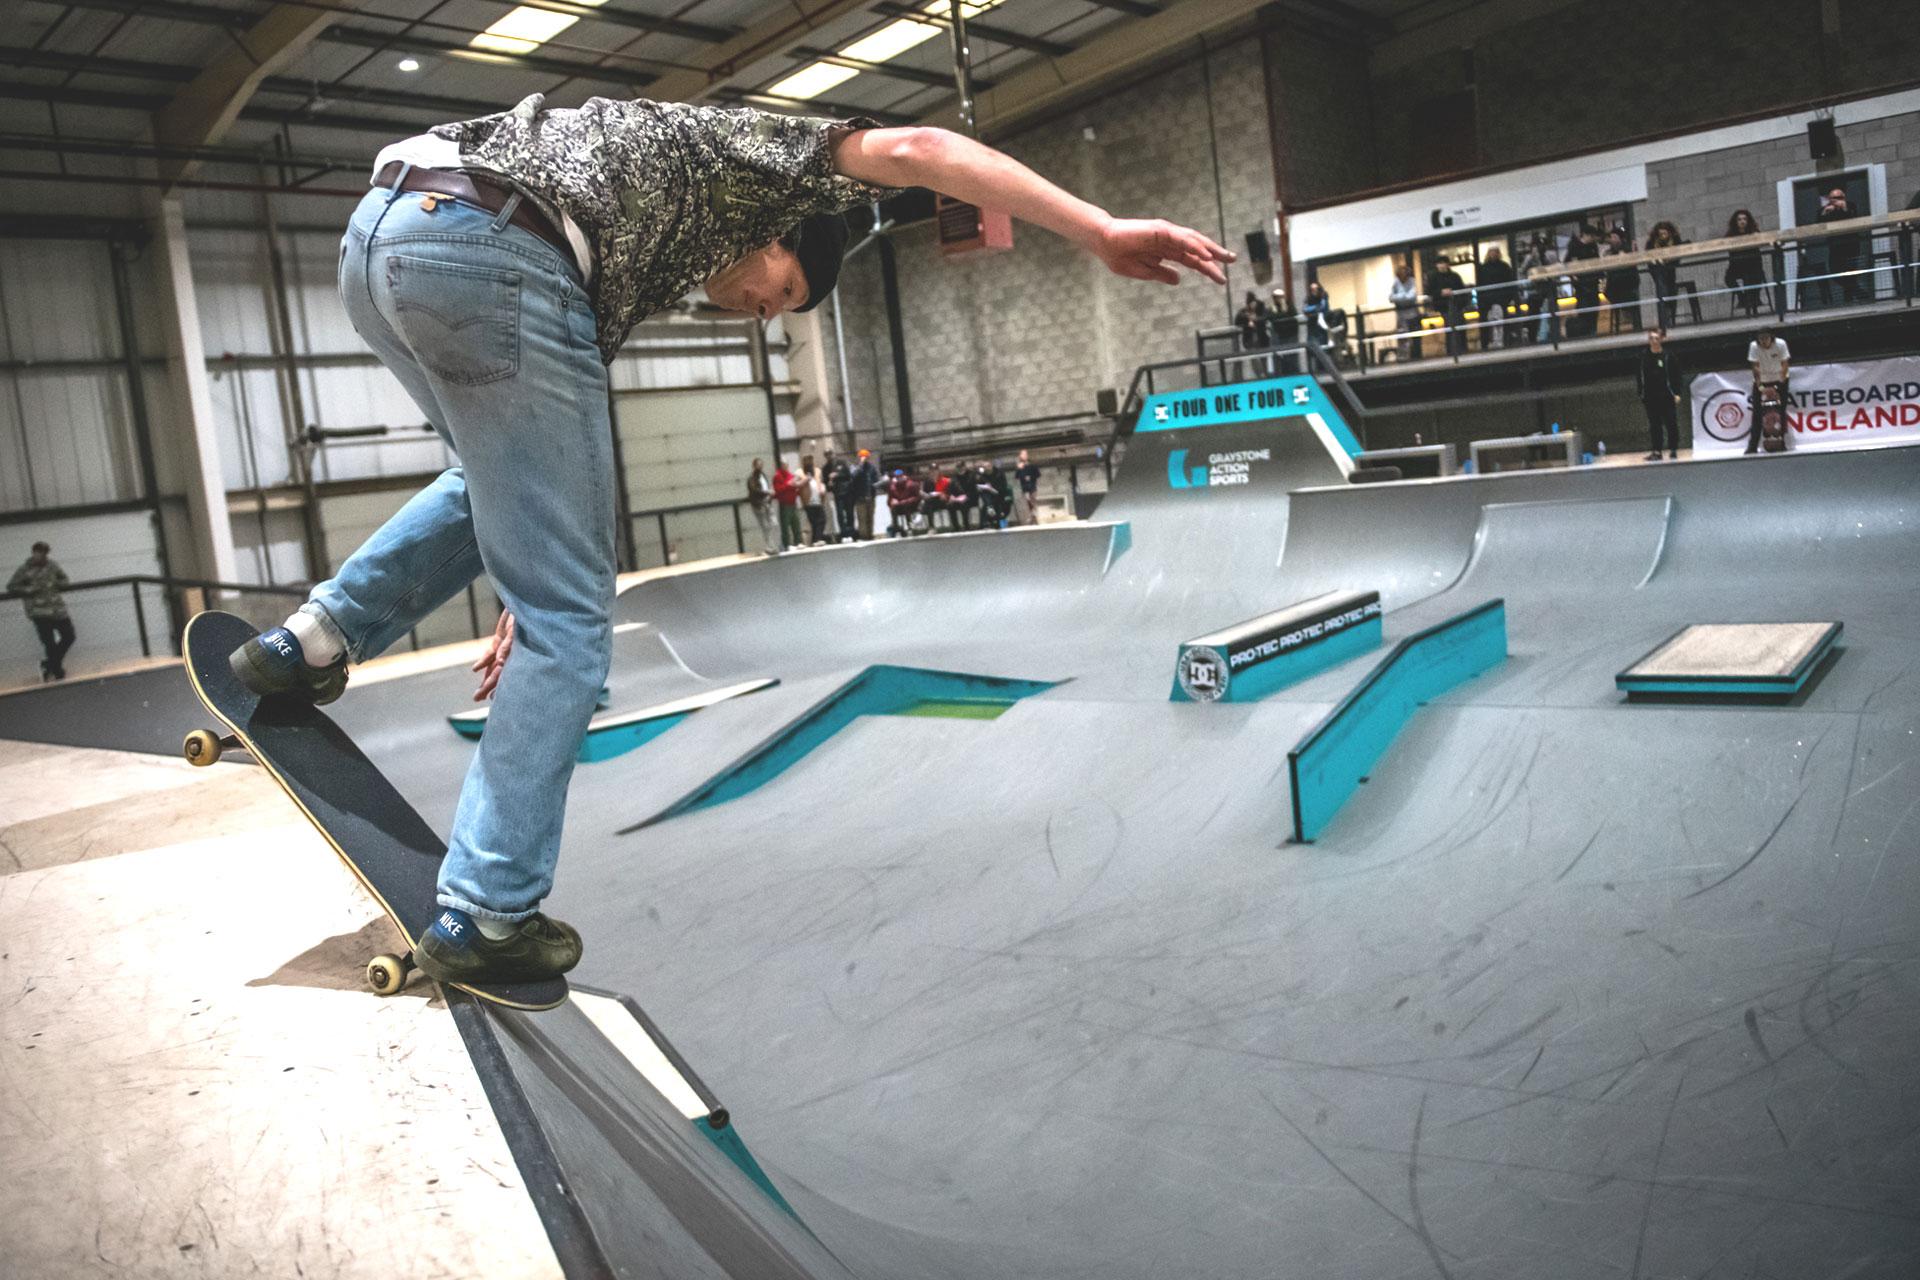 Skate Park Membership -